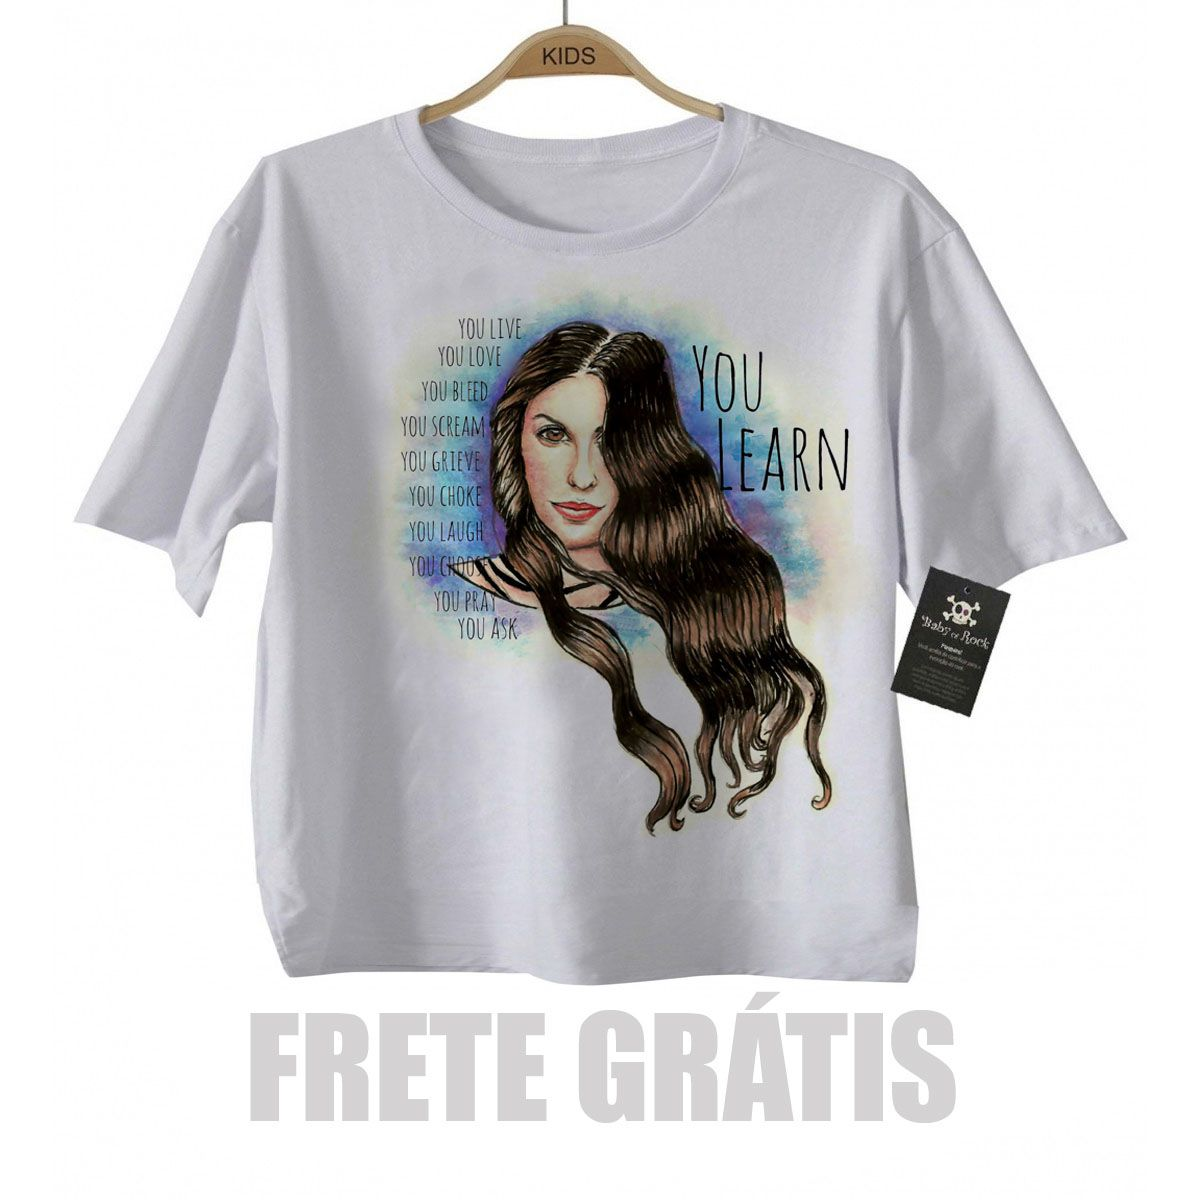 Camiseta Infantil  Alanis Morrissete  - White  - Baby Monster S/A